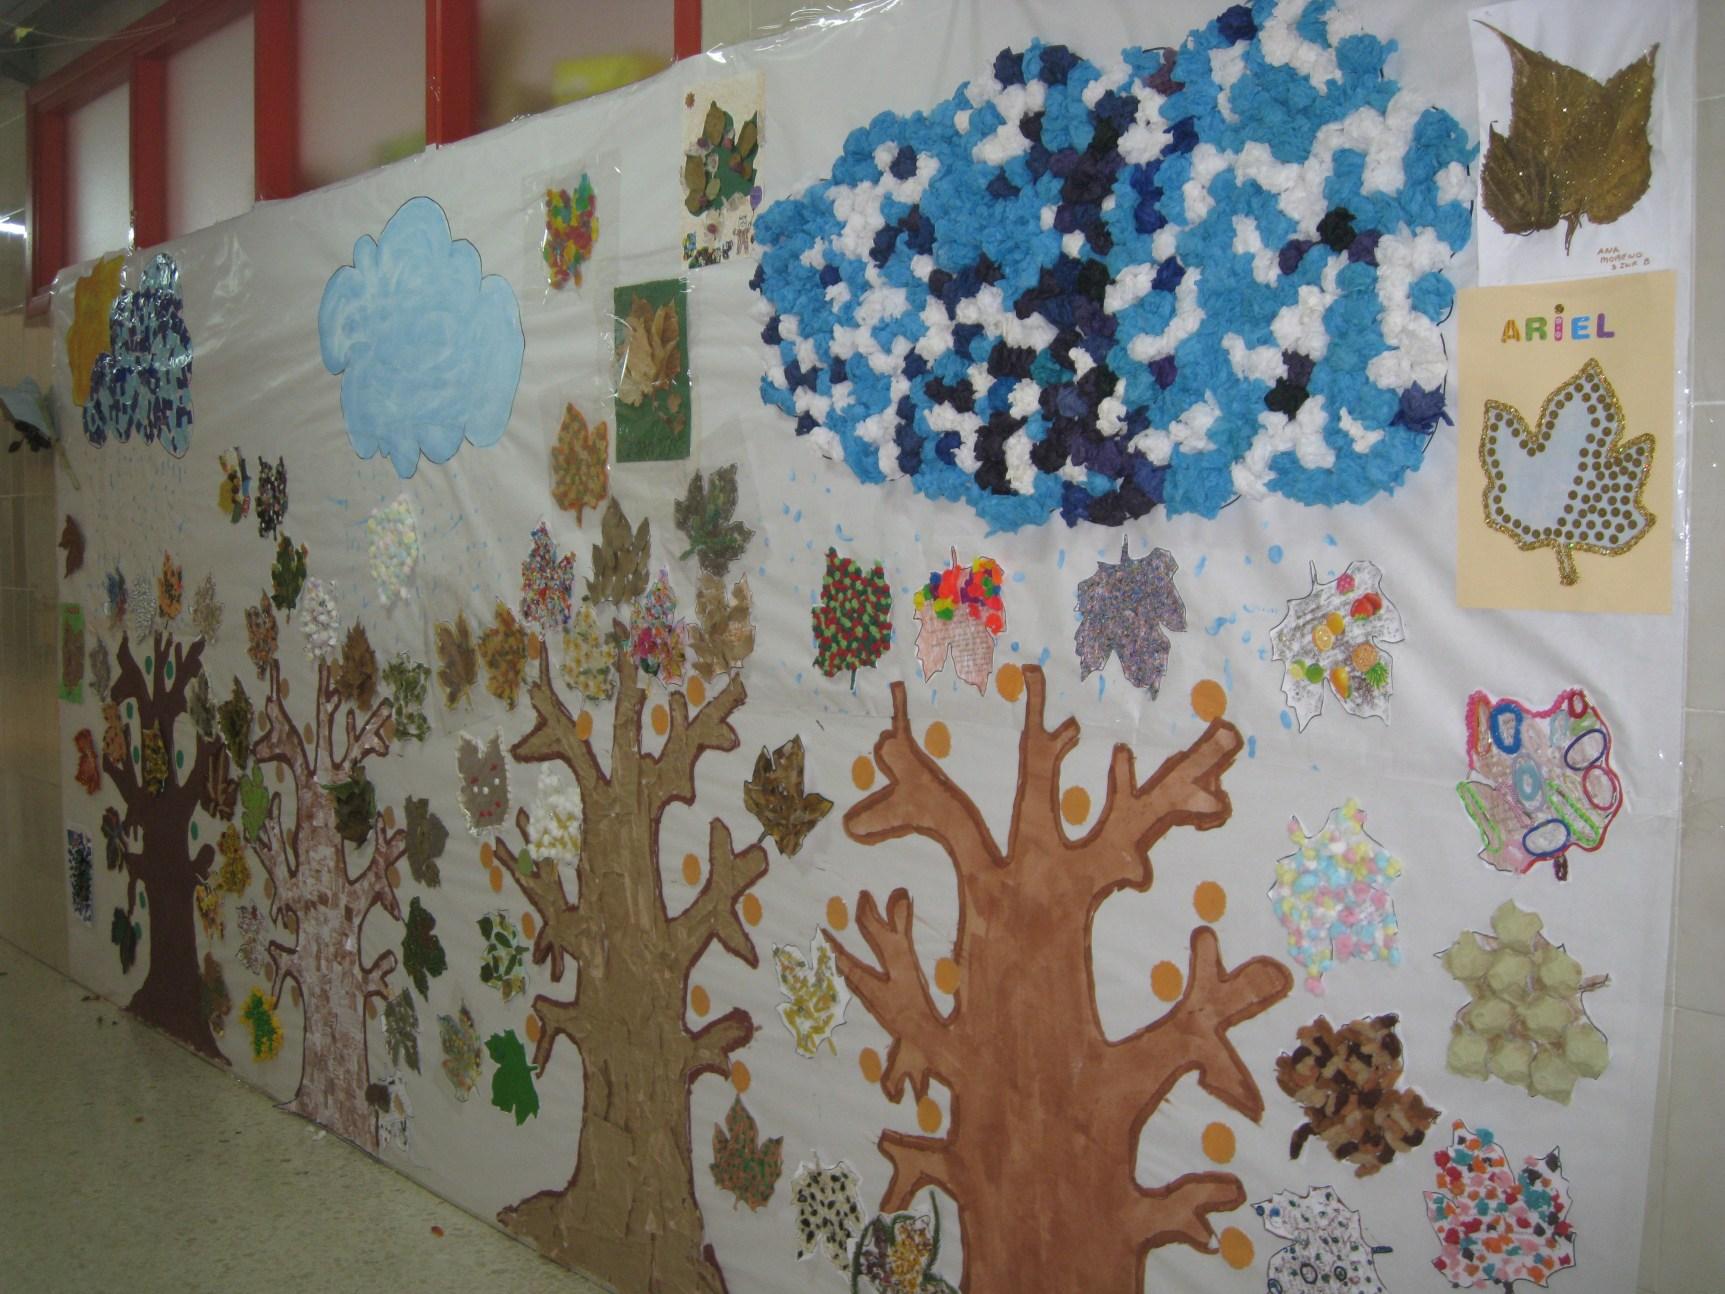 Decoracion Infantil Oto?o ~ Posted in Decoracion de pasillos , Murales , Oto?o on 22 agosto, 2012